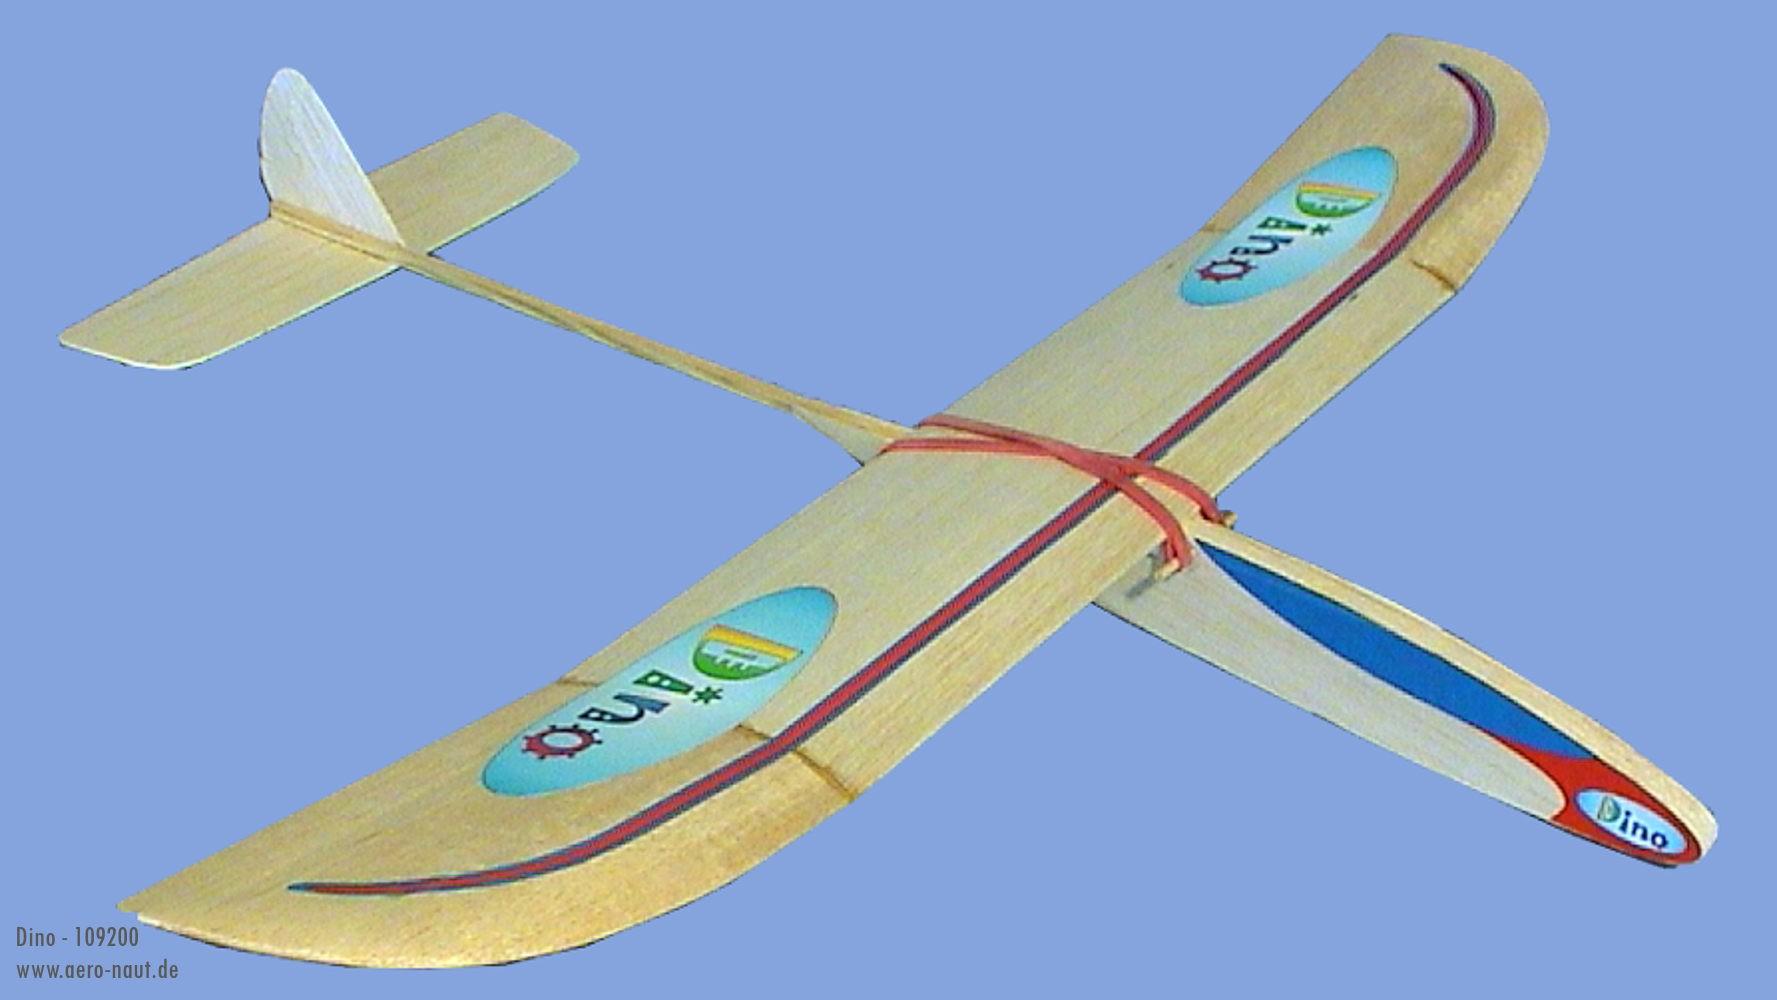 DINO 610mm stavebnice házedla pro začátečníky od Aero-Naut